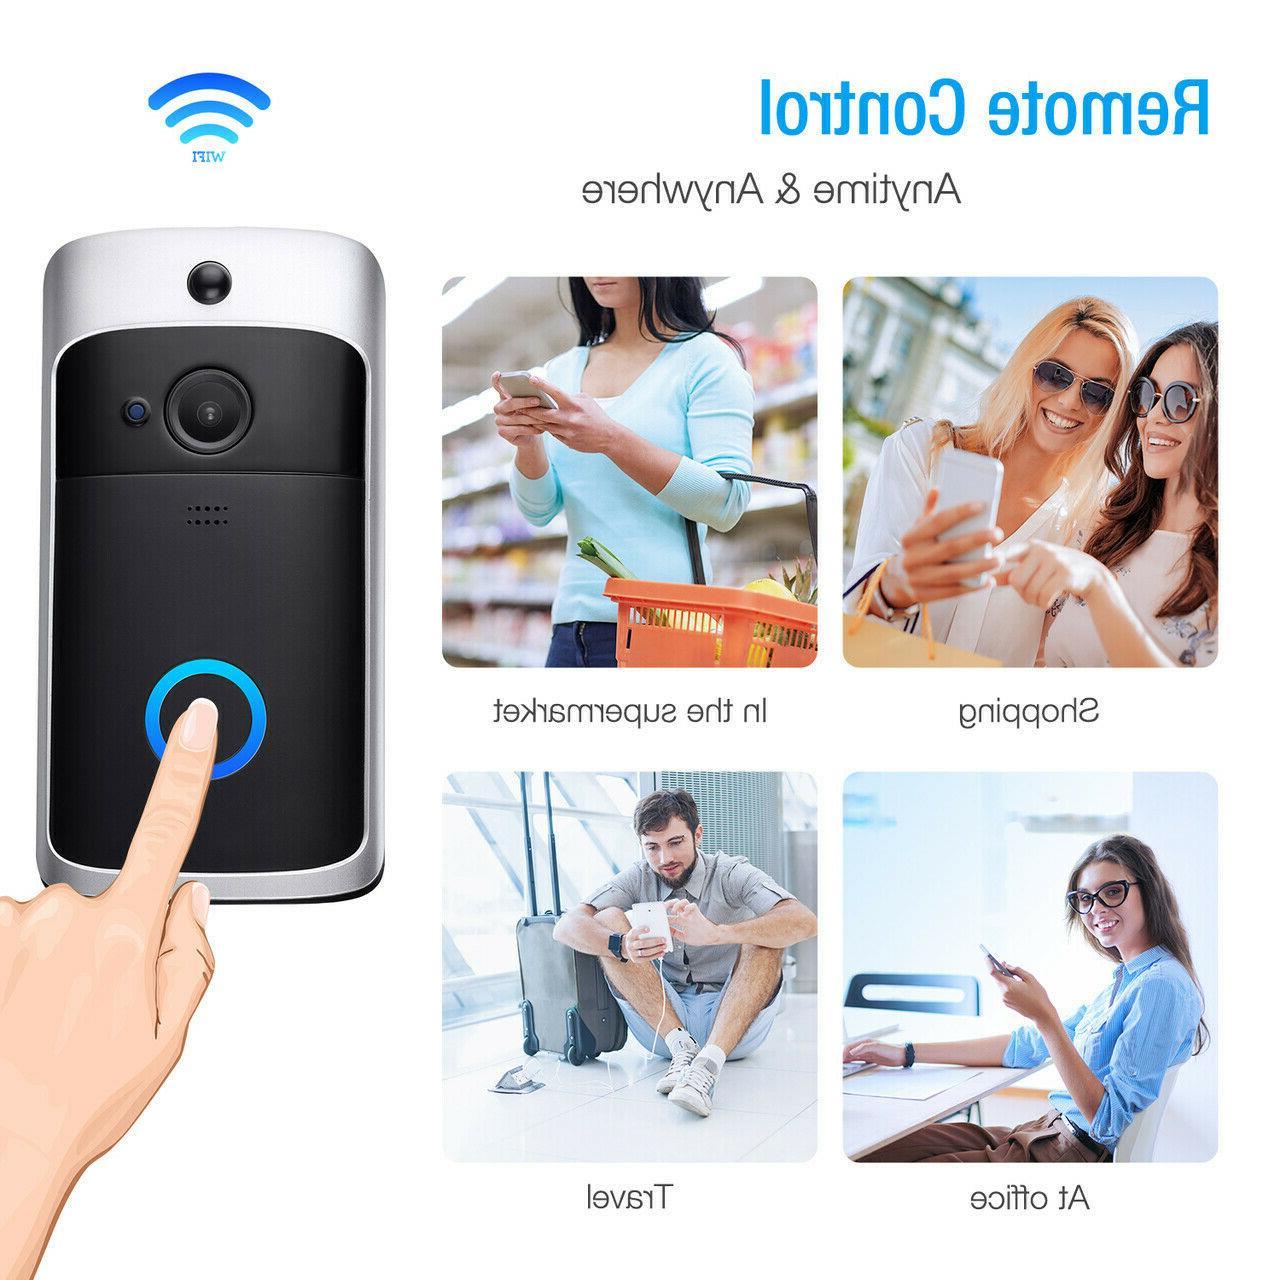 WiFi Wireless Doorbell Video Two-Way Talk PIR Door Security